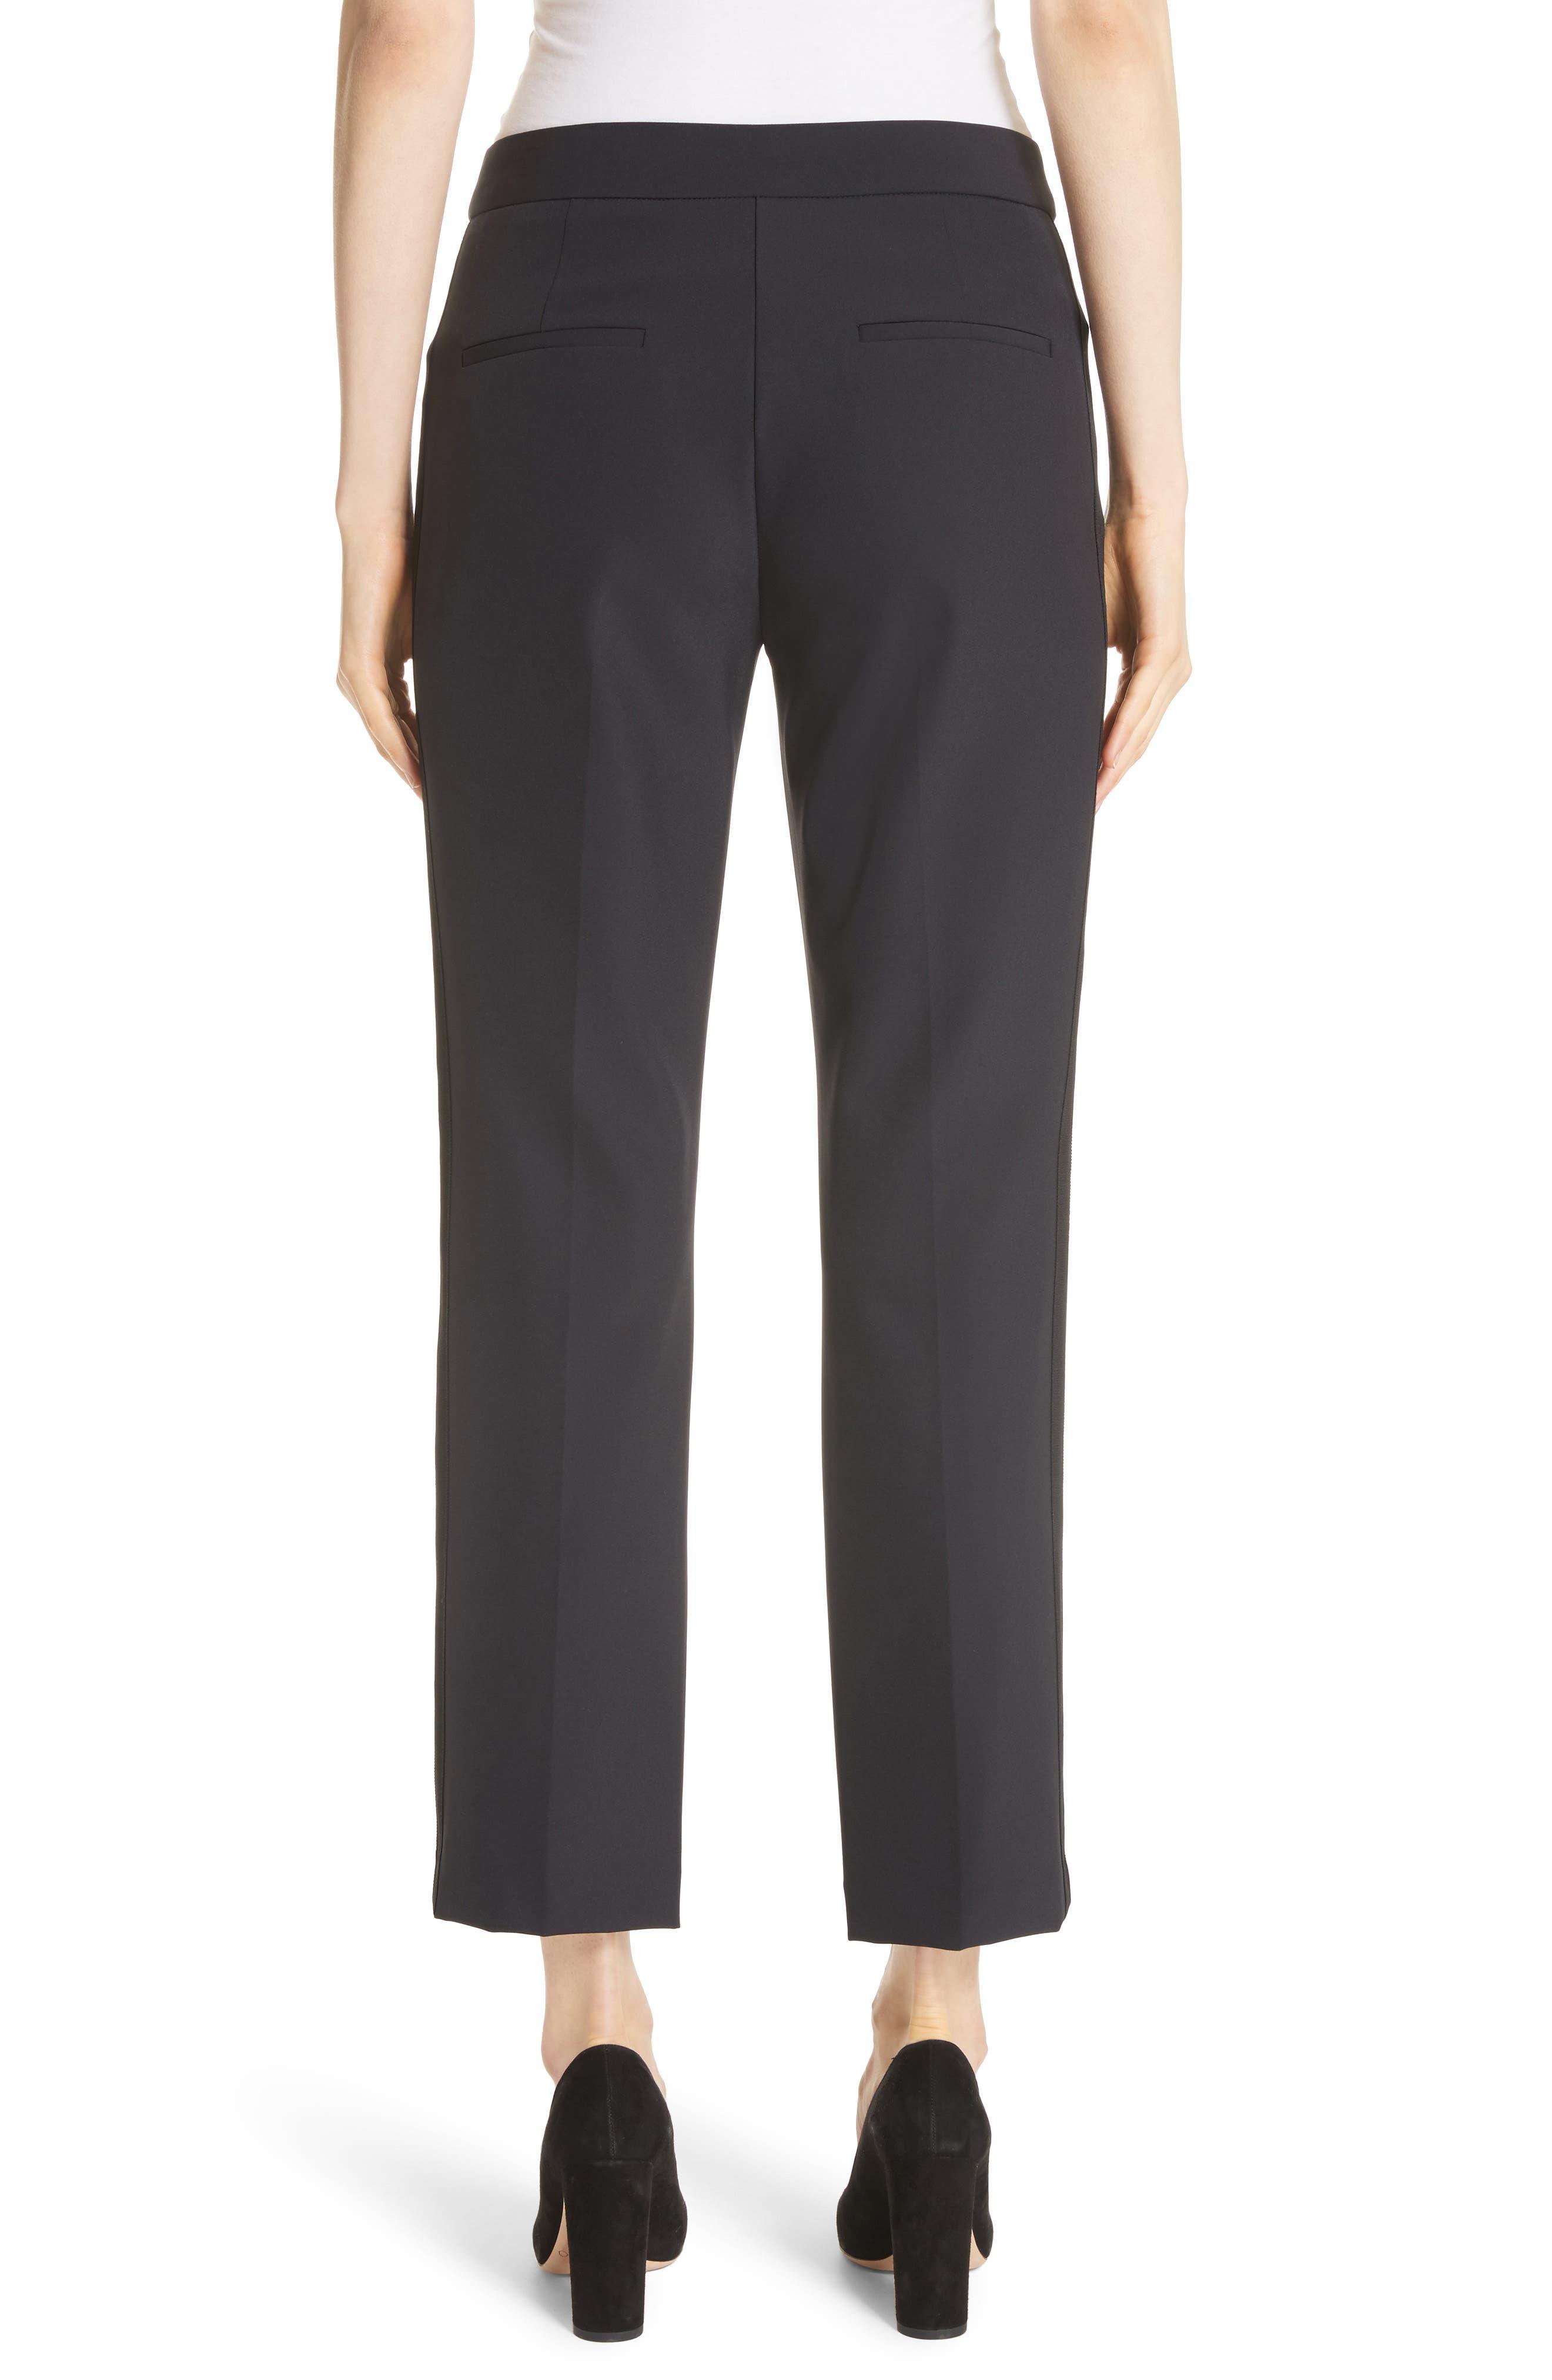 Audra Crop Pants,                             Alternate thumbnail 2, color,                             BLACK